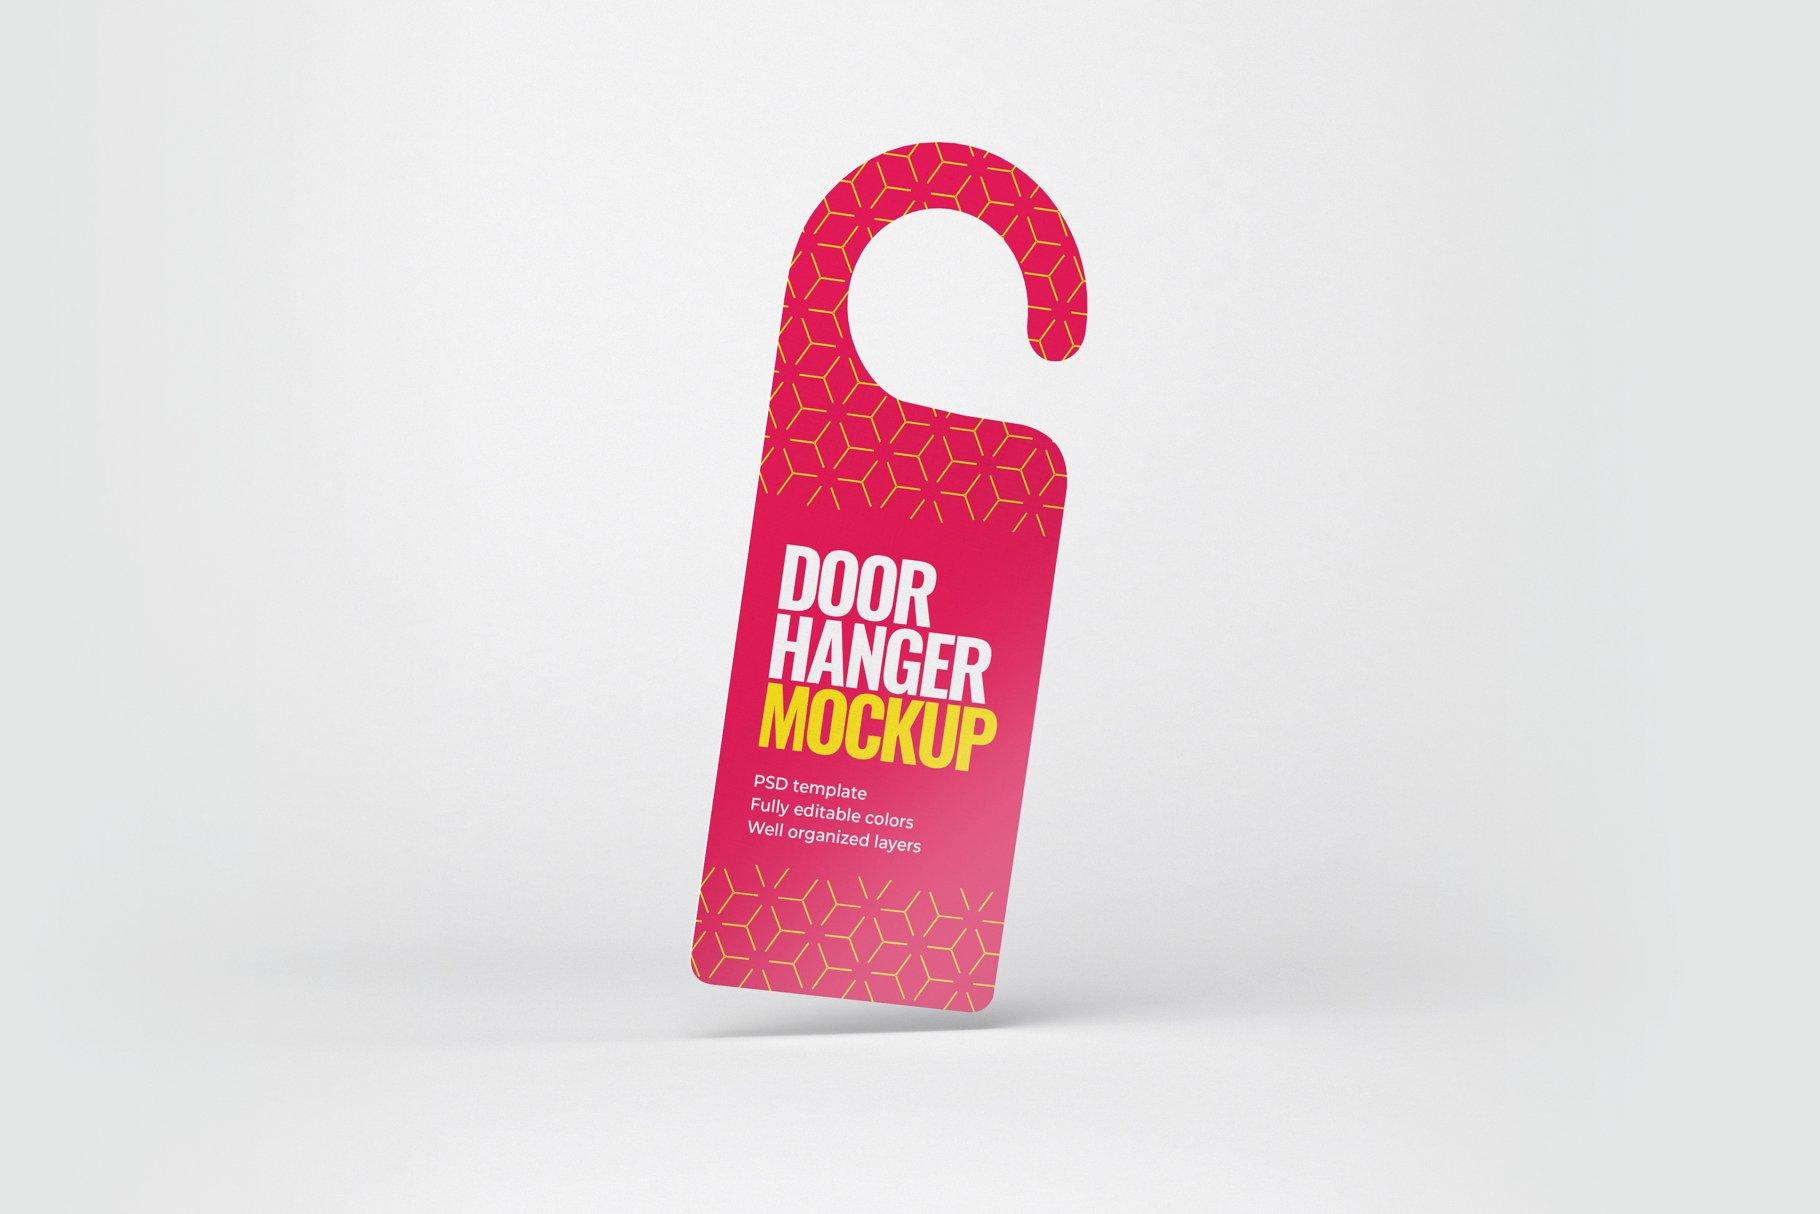 酒店门把手吊牌设计展示样机模板 Door Hanger Mockup Set插图(2)